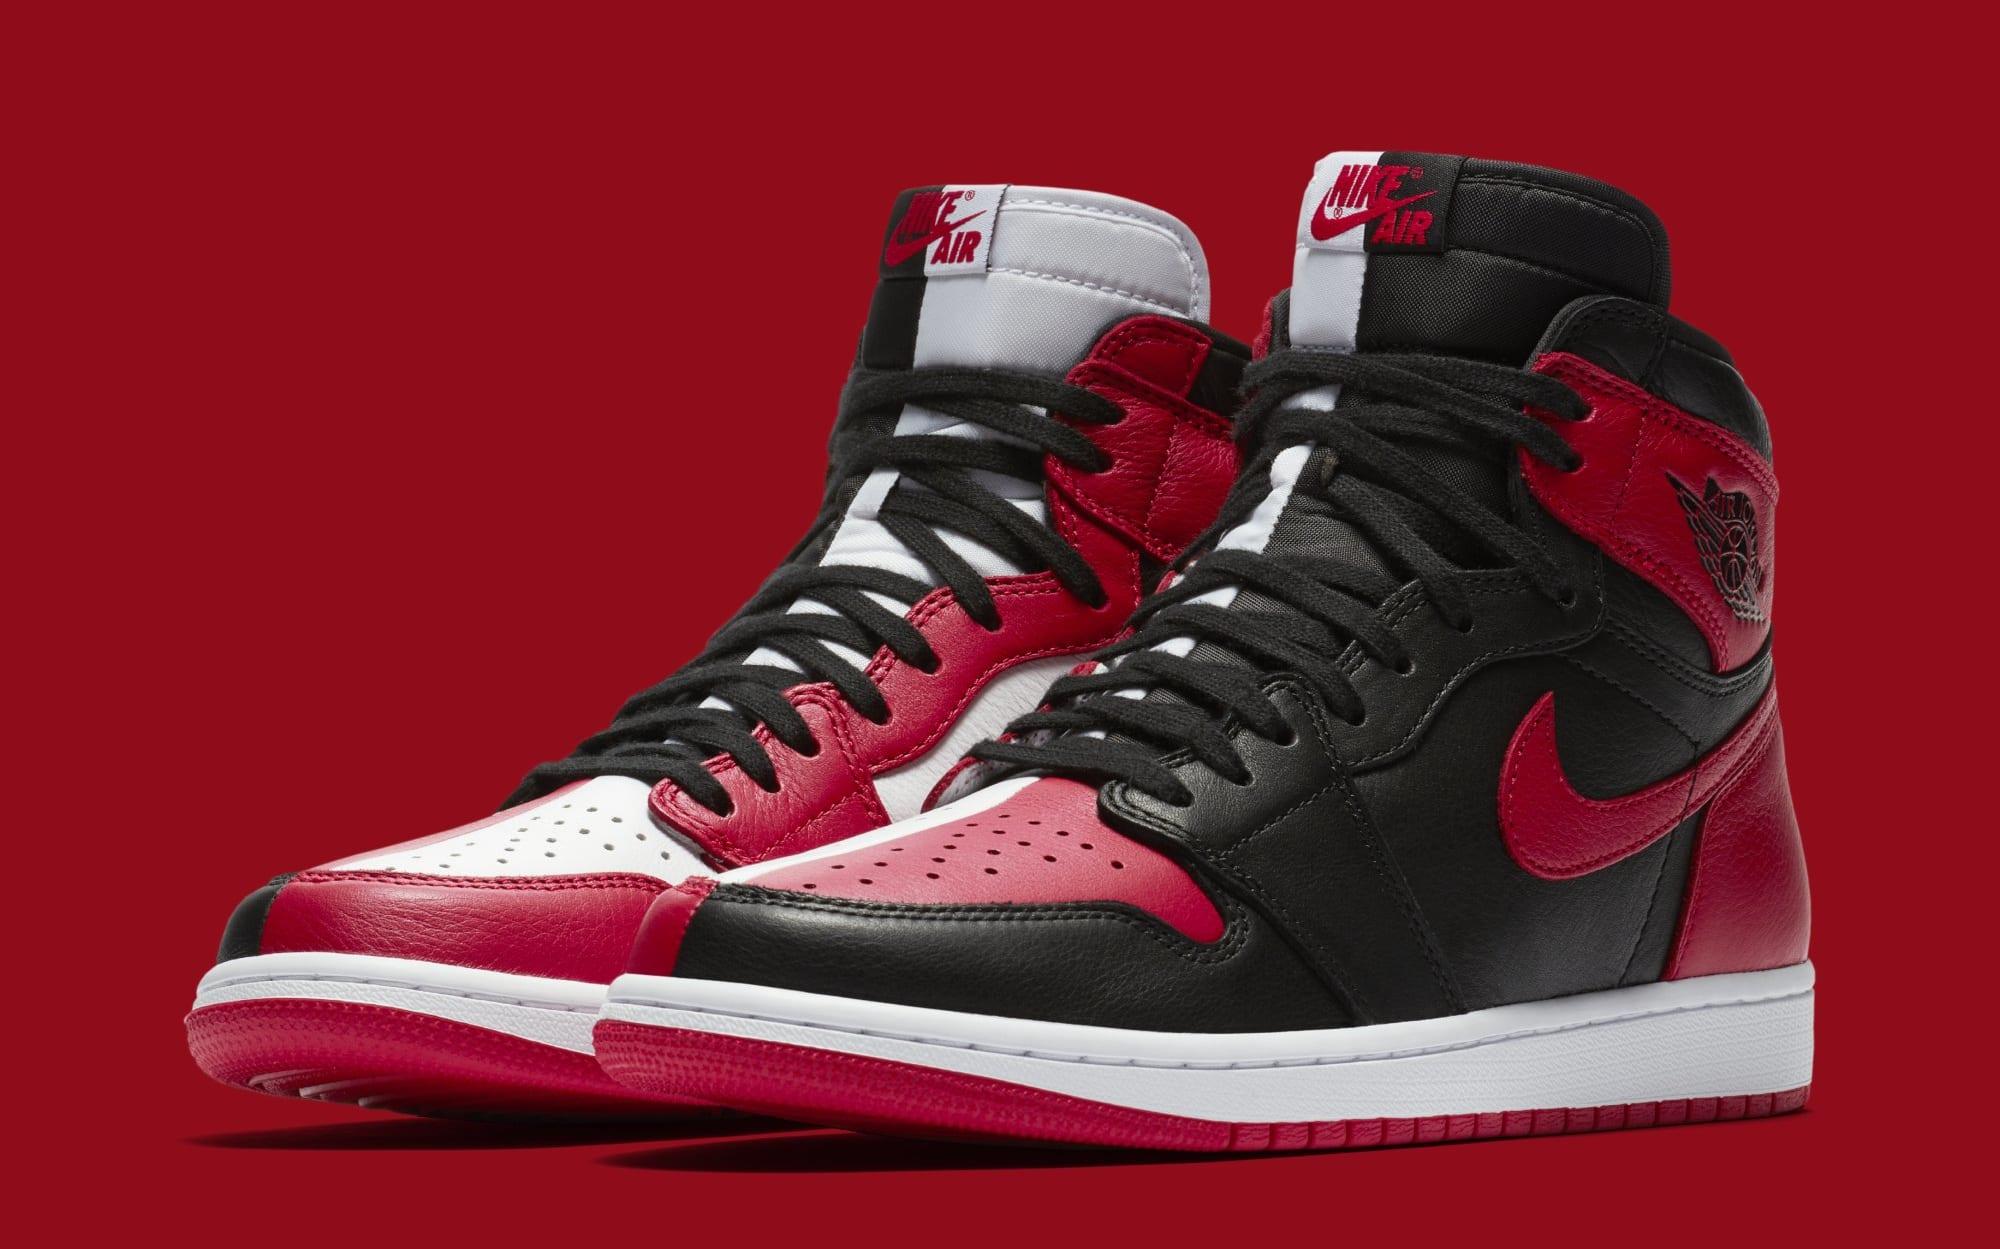 \u0027Homage to Home\u0027 Air Jordan 1s Release This Weekend